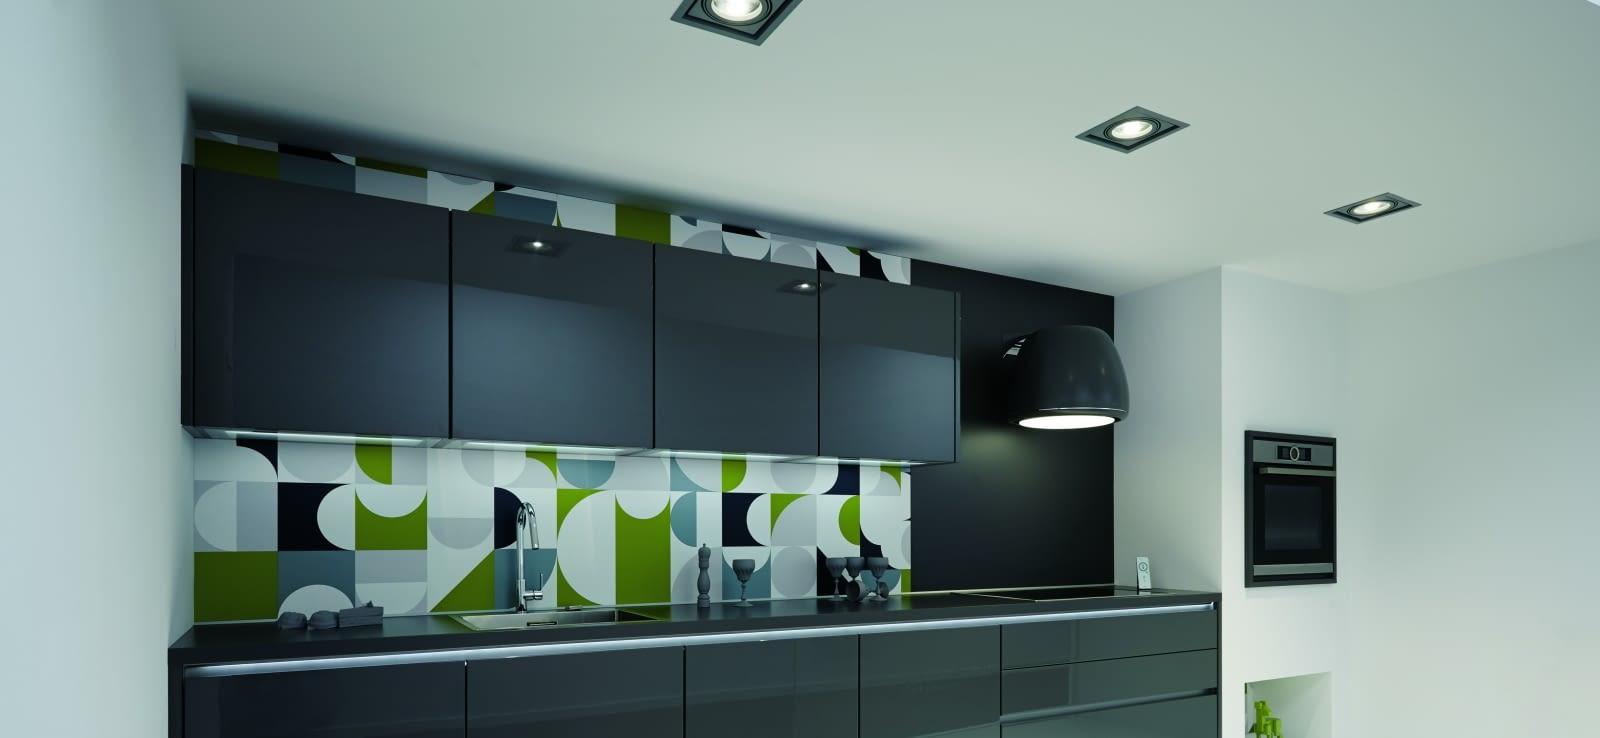 Wandpanel Küche war nett design für ihr haus design ideen